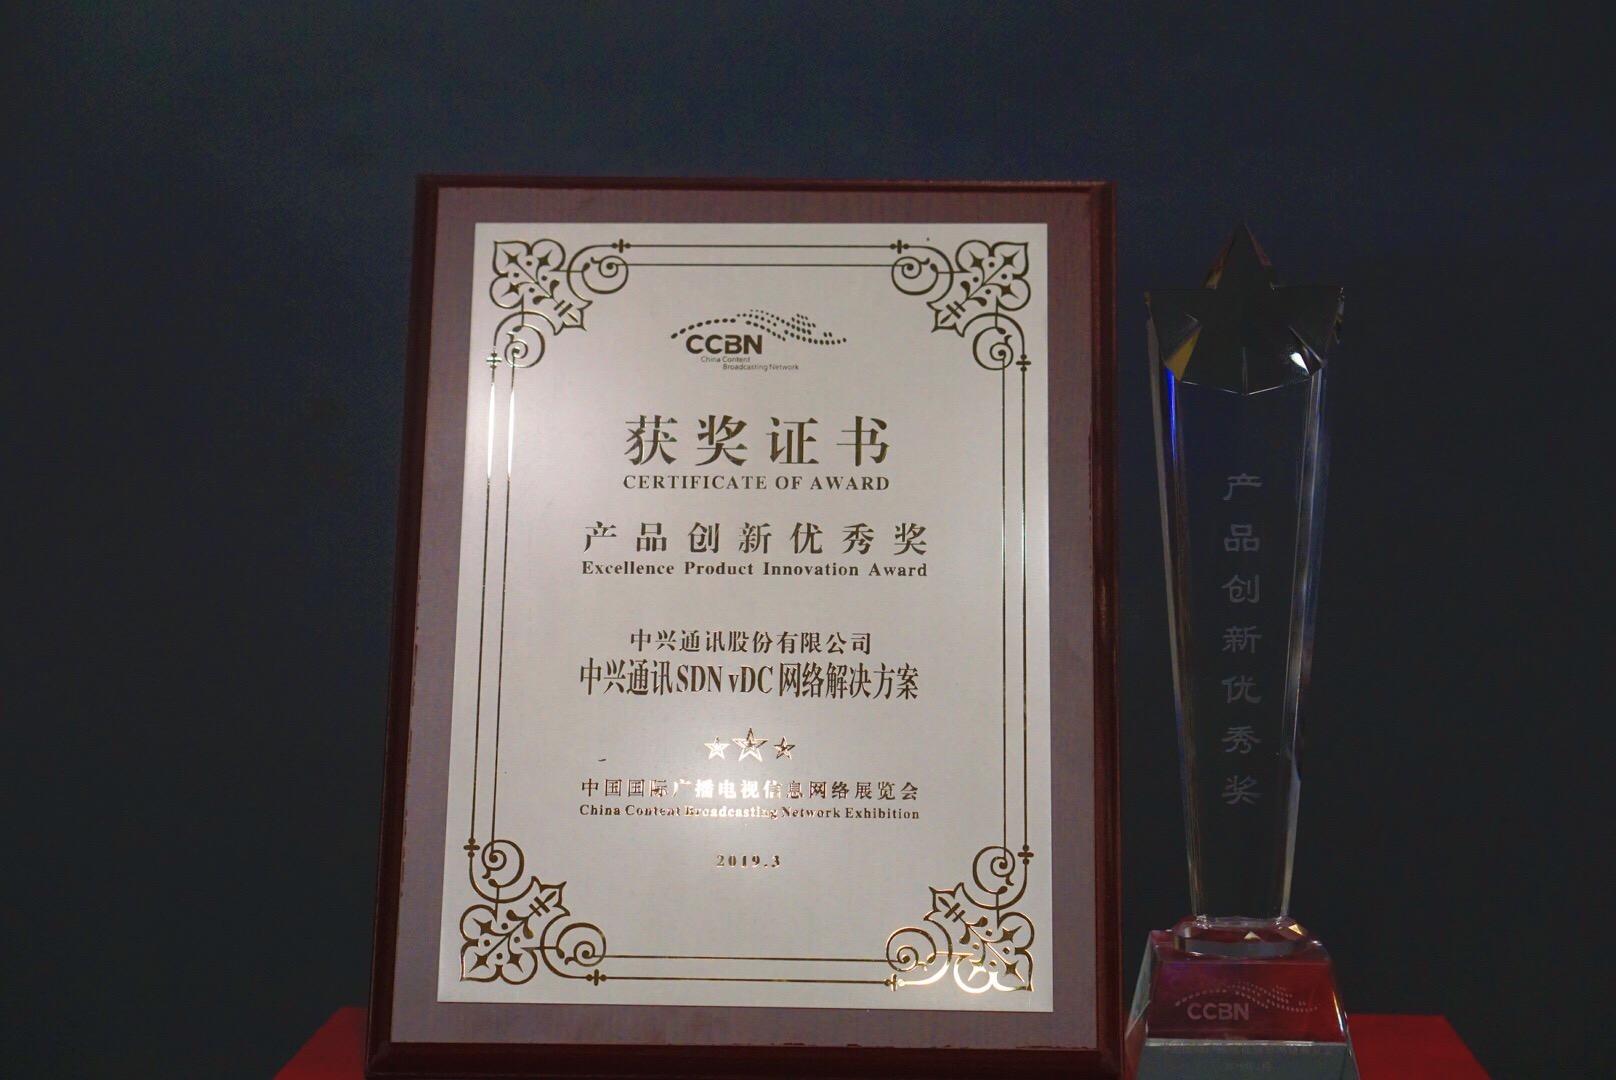 中兴通讯vDC和AI CDN解决方案获得2019广电展产品创新优秀奖